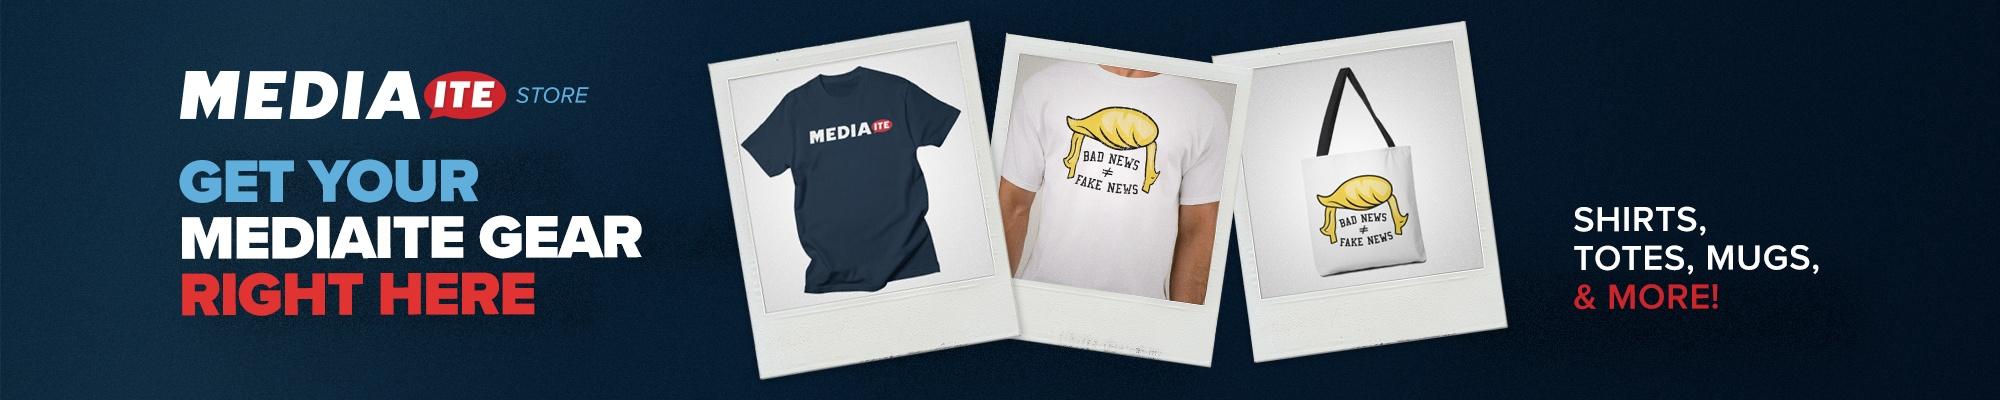 mediaite Cover